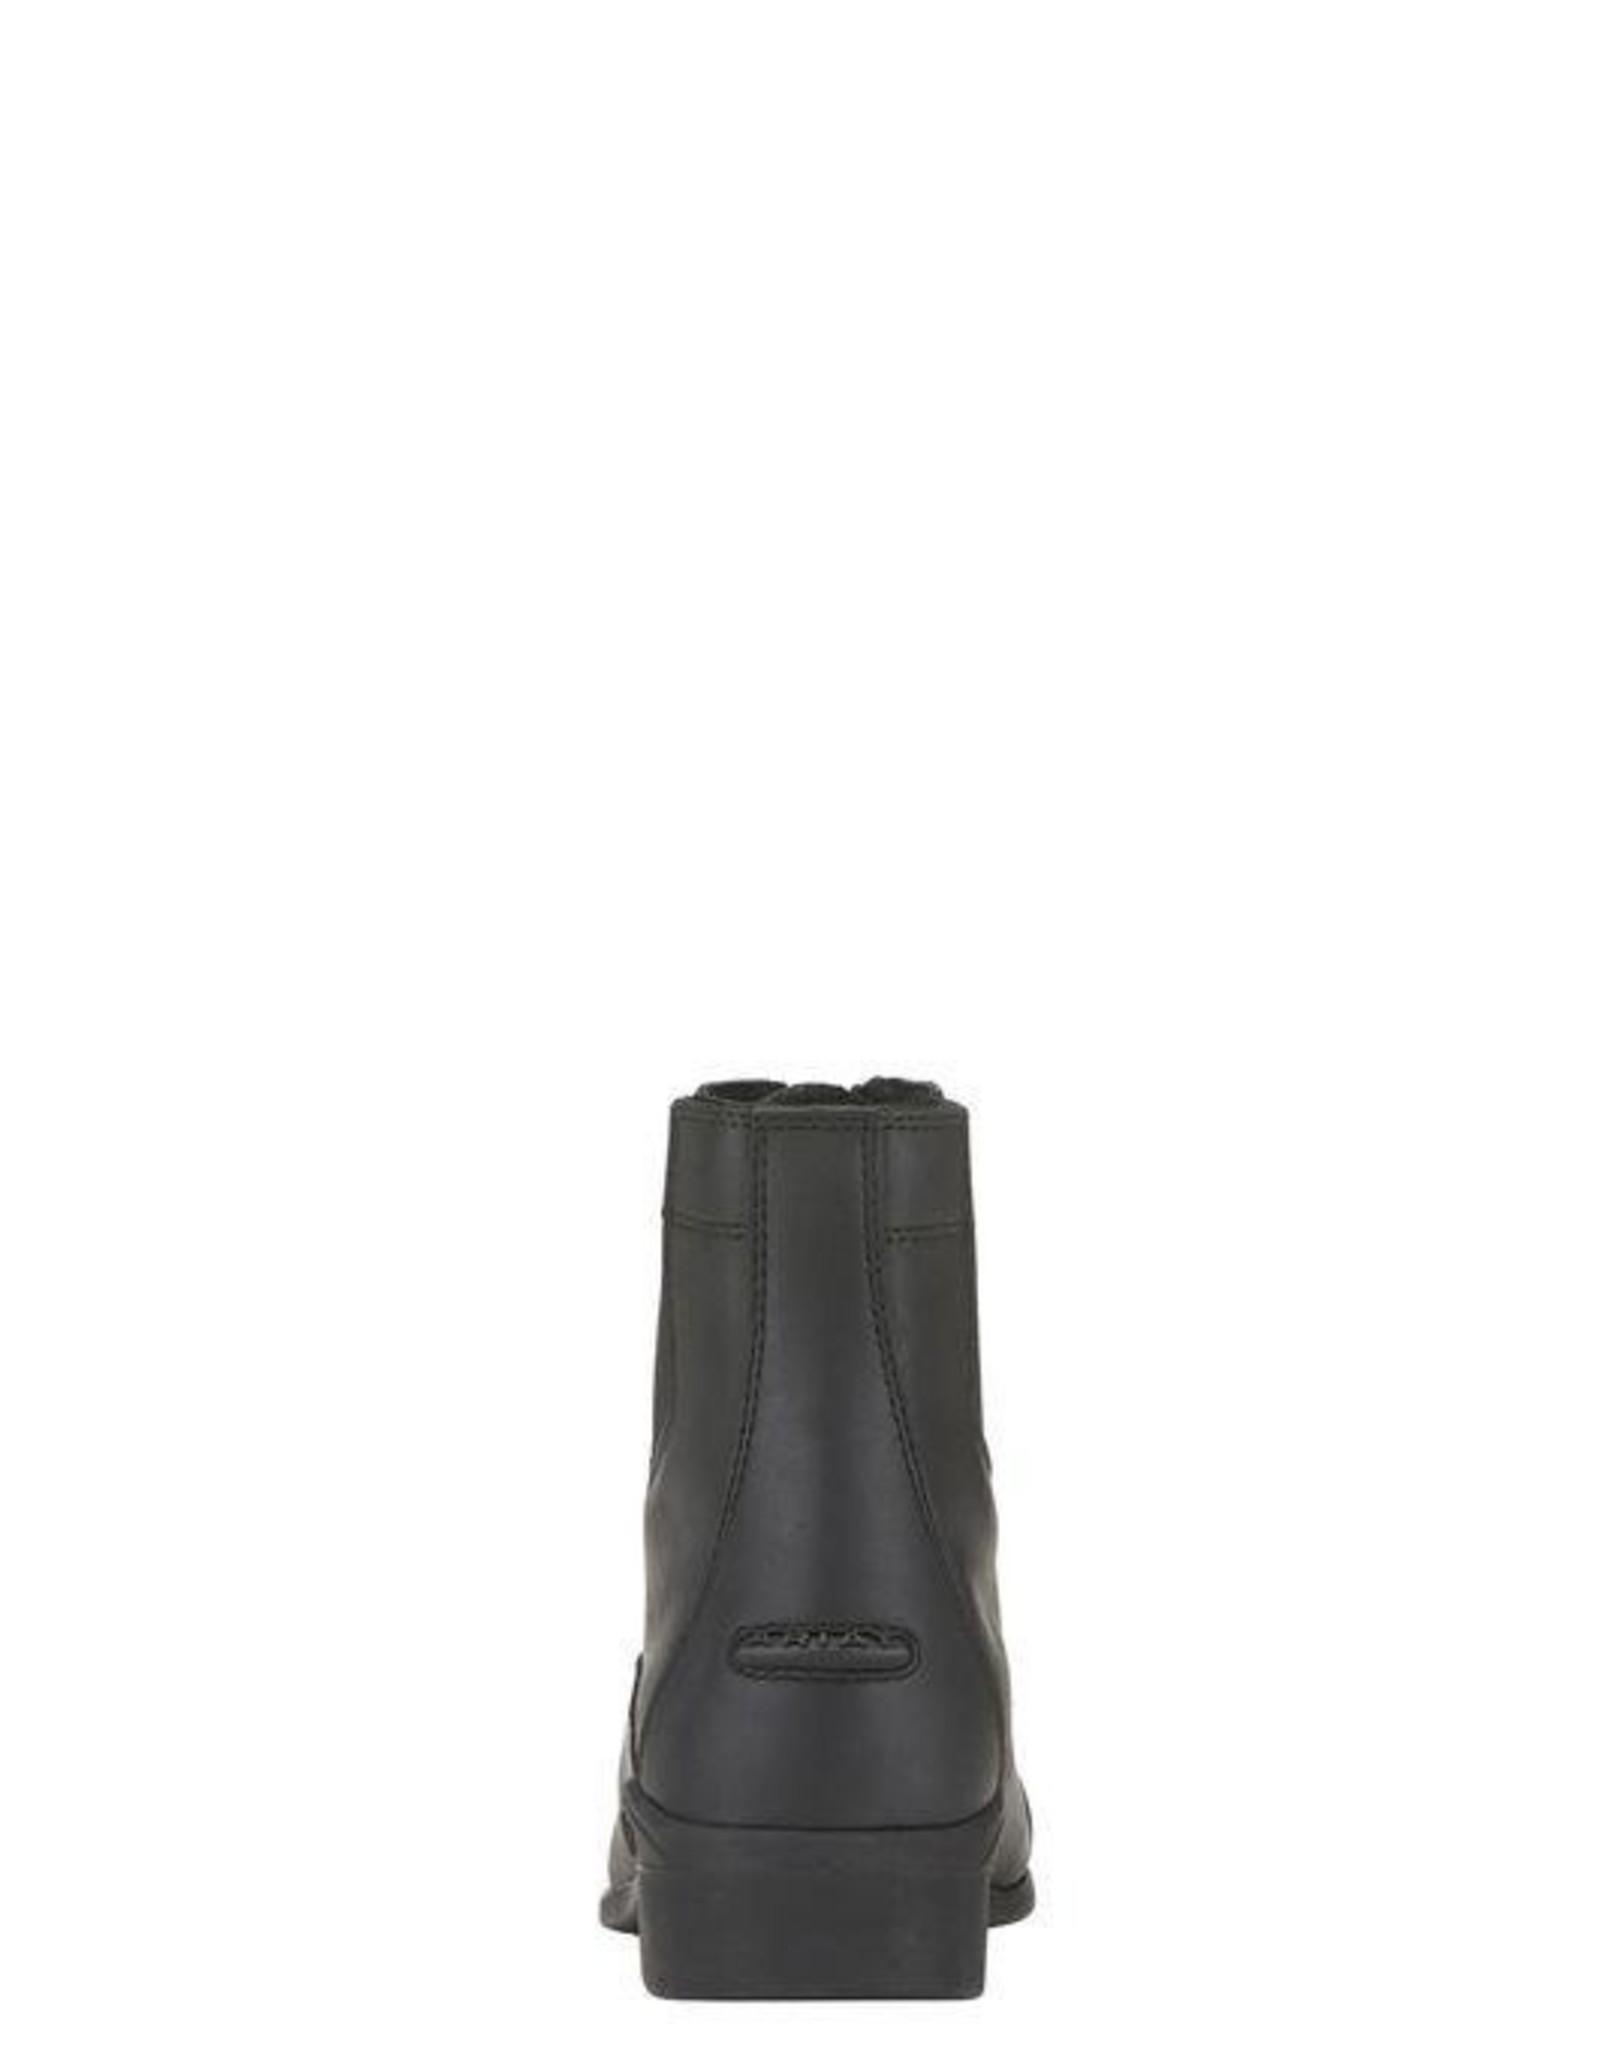 Ariat Kids' Scout Zip Paddock Boot